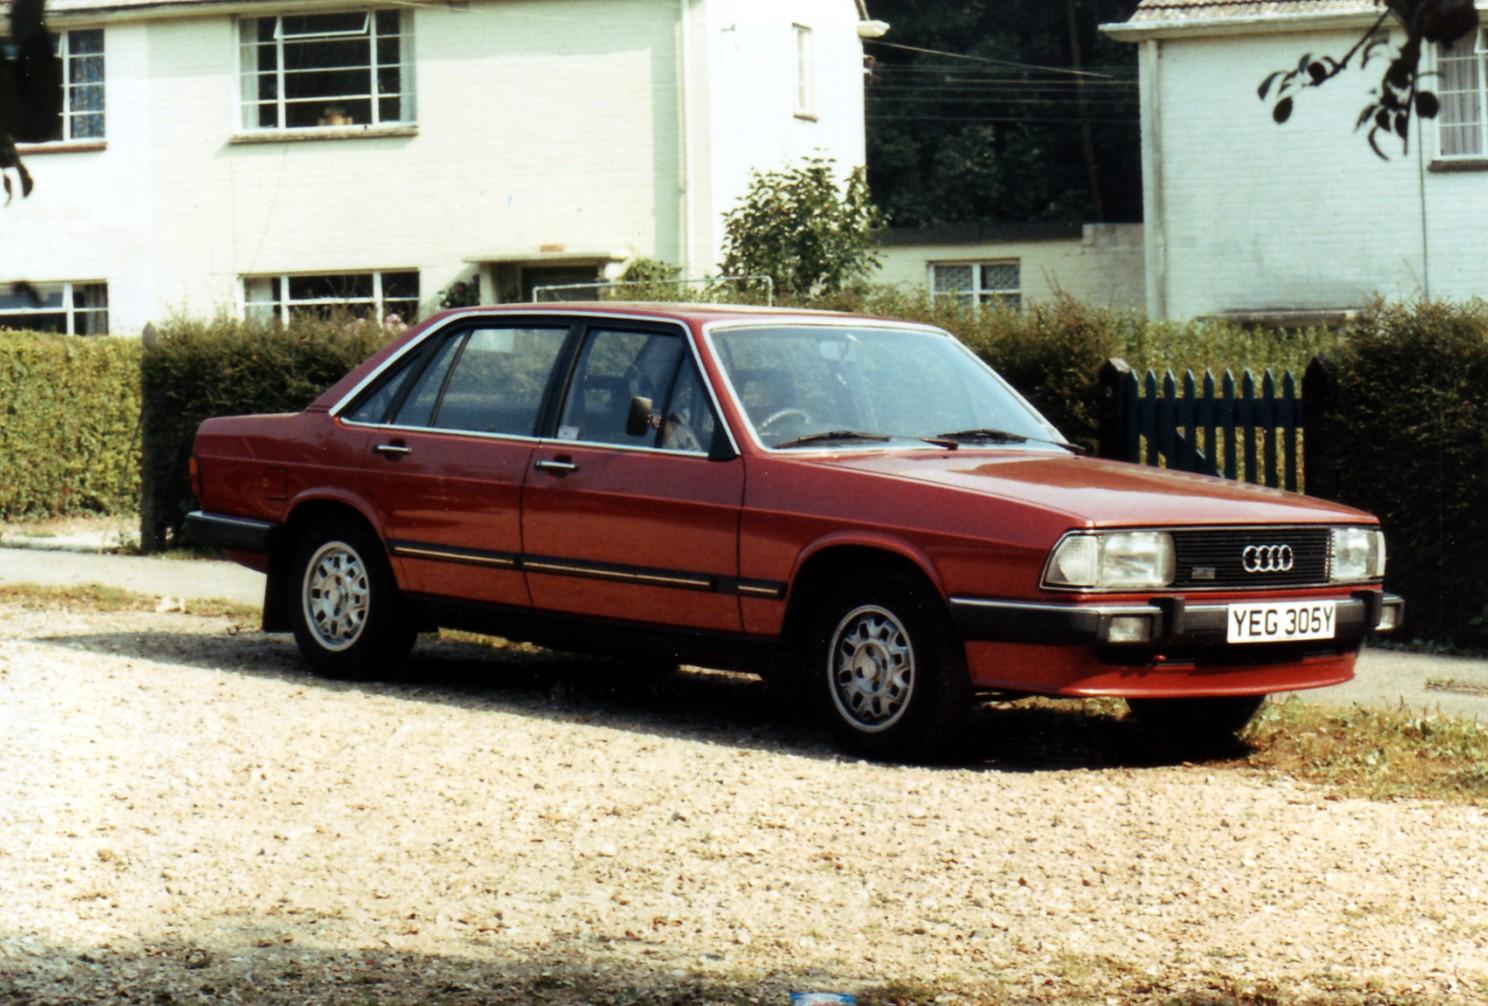 1982 Audi 100 - Overview - CarGurus